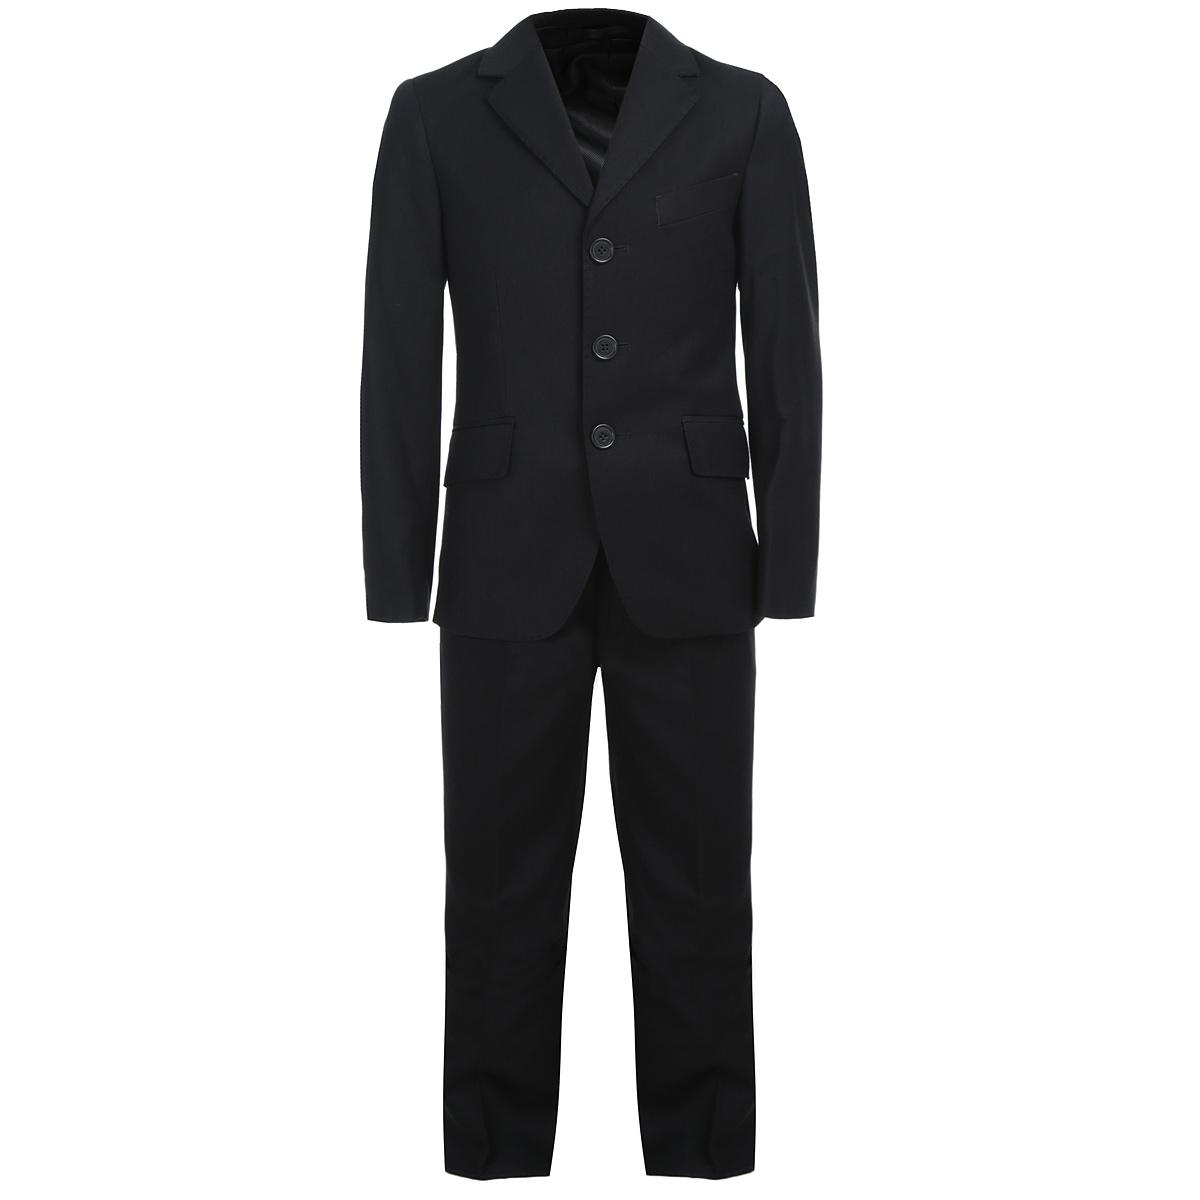 SS-B-B-0702_113Классический костюм для мальчика Silver Spoon, состоящий из пиджака и брюк, - основа делового стиля, а значит и в школьном гардеробе ребенка - это базовый атрибут, необходимый для будней и праздников. Изготовленный из высококачественного материала с добавлением вискозы, он необычайно мягкий и приятный на ощупь, не сковывает движения и позволяет коже дышать, не раздражает даже самую нежную и чувствительную кожу ребенка, обеспечивая ему наибольший комфорт. На подкладке используется гладкая подкладочная ткань. Классический пиджак с лацканами застегивается на три пуговицы. Спереди он дополнен двумя прорезными карманами с клапанами и одним нагрудным прорезным кармашком. Сзади имеются две шлицы. Рукава понизу декорированы пуговками. С внутренней стороны модель также дополнена прорезными кармашками. Внутренняя обработка пиджака, сделанная по самым высоким стандартам мужской моды, придает костюму солидность. Классические брюки прямого покроя со стрелками на талии застегиваются...